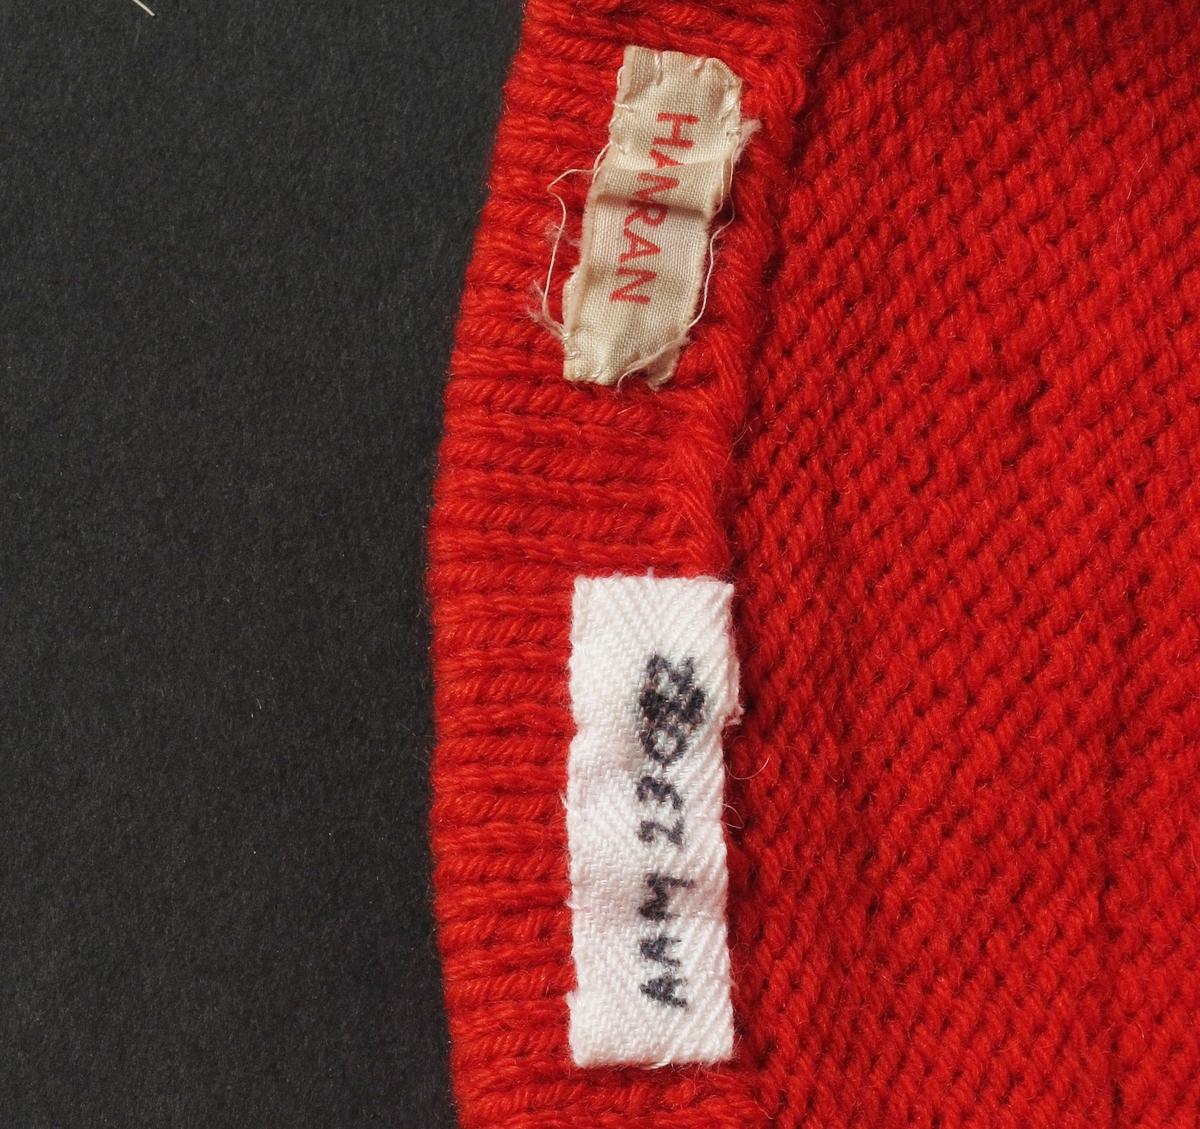 Nisselue, rød topplue.  Ull, rød,  strikket.   Barnetopplue,  forholdsvis lang og spiss.  Oppbrettet/fald sydd til med rød tråd.  To rader med fellinger.